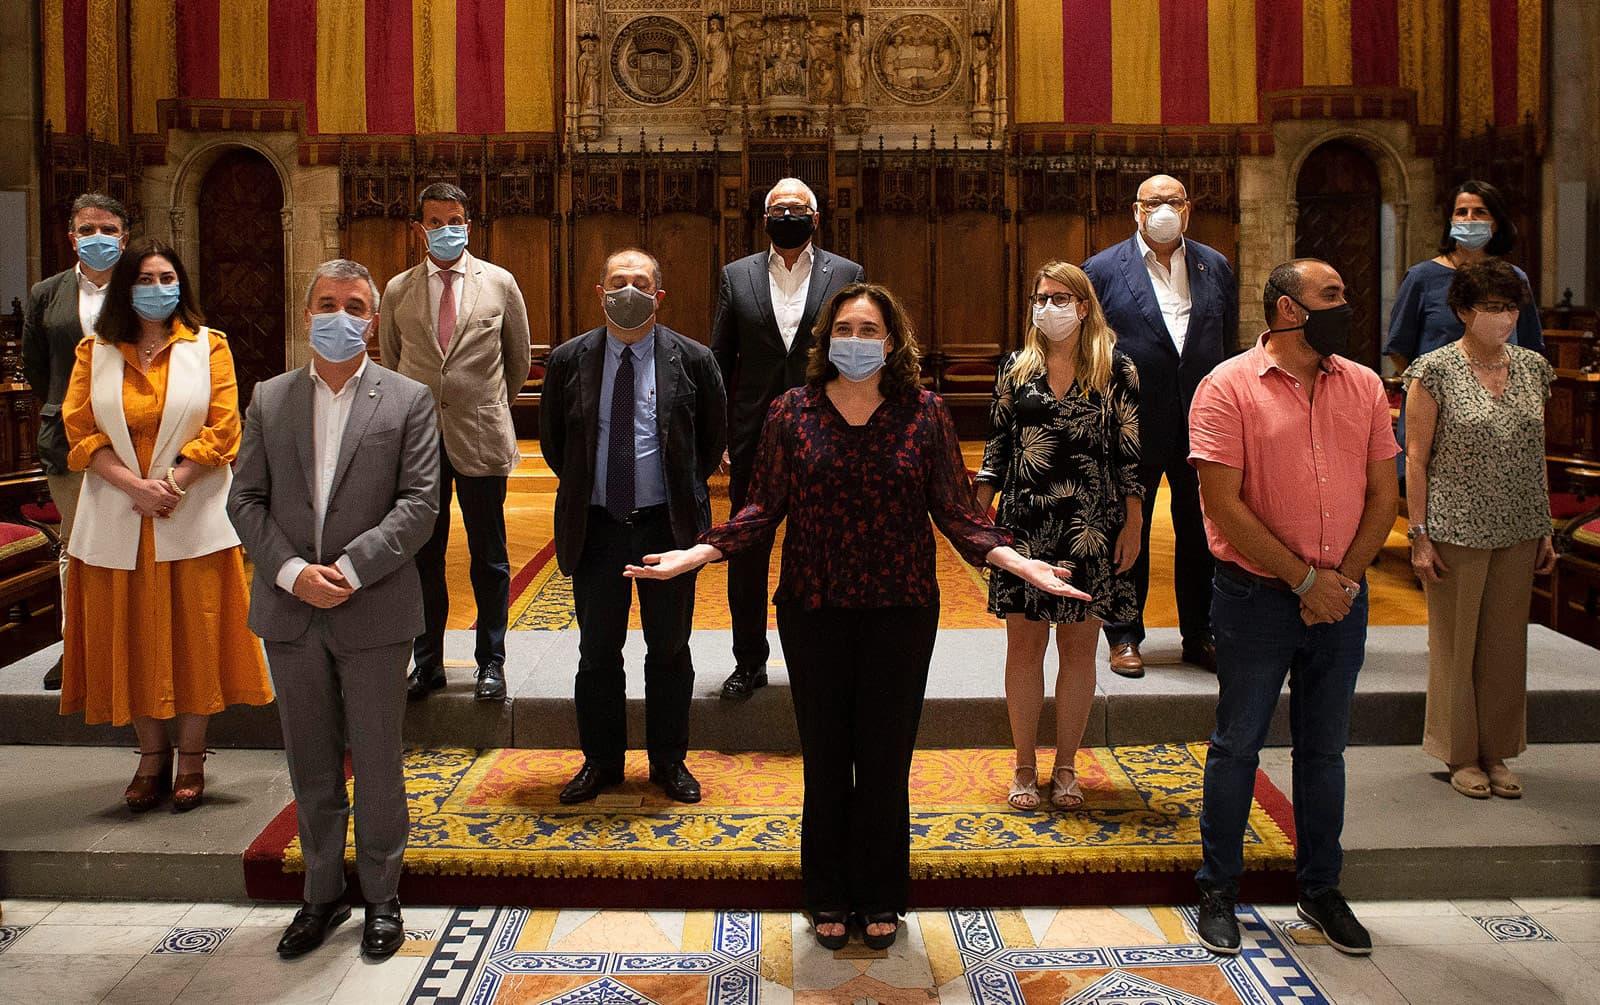 L'alcaldessa de Barcelona, Ada Colau, els tinents d'alcalde, els presidents dels grups municipals i el secretari general de CCOO, en l'acte de presentació del document final del Pacte per Barcelona per afrontar la situació generada per la covid-19, el juliol del 2020. Fotografia d'Enric Fontcuberta Efe.